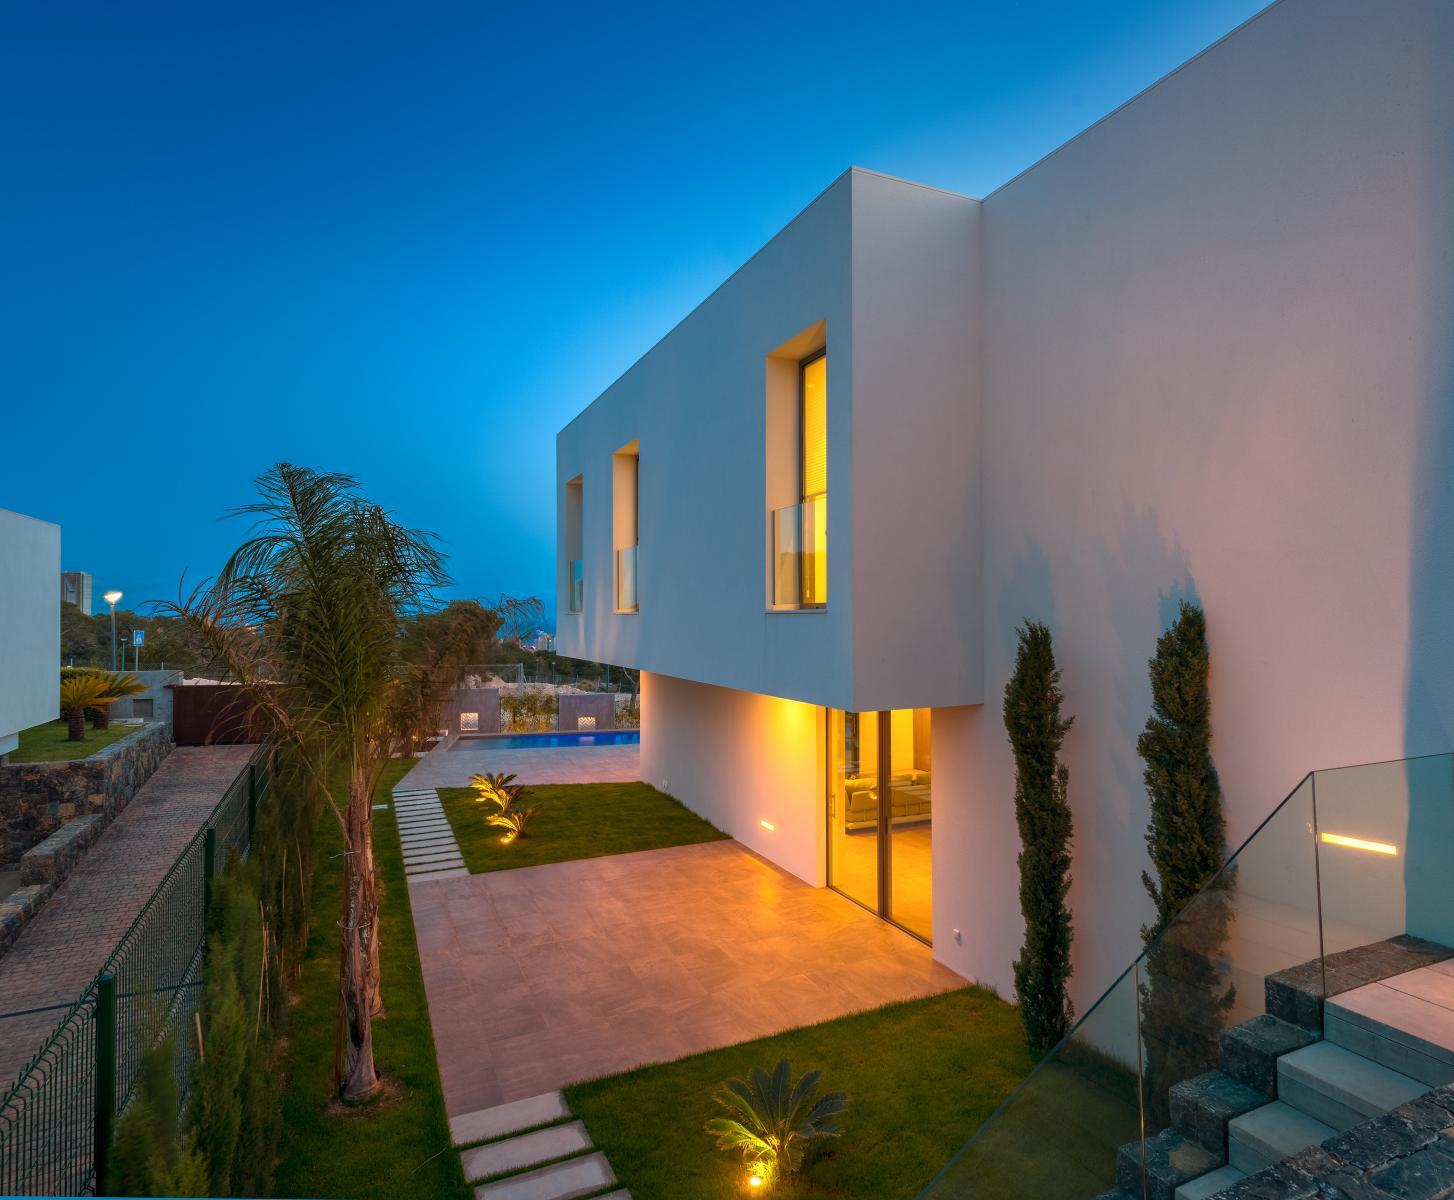 12. Brand new villa in Finestrat Alicante - Fantastic Brand New Villa in Finestrat, Alicante